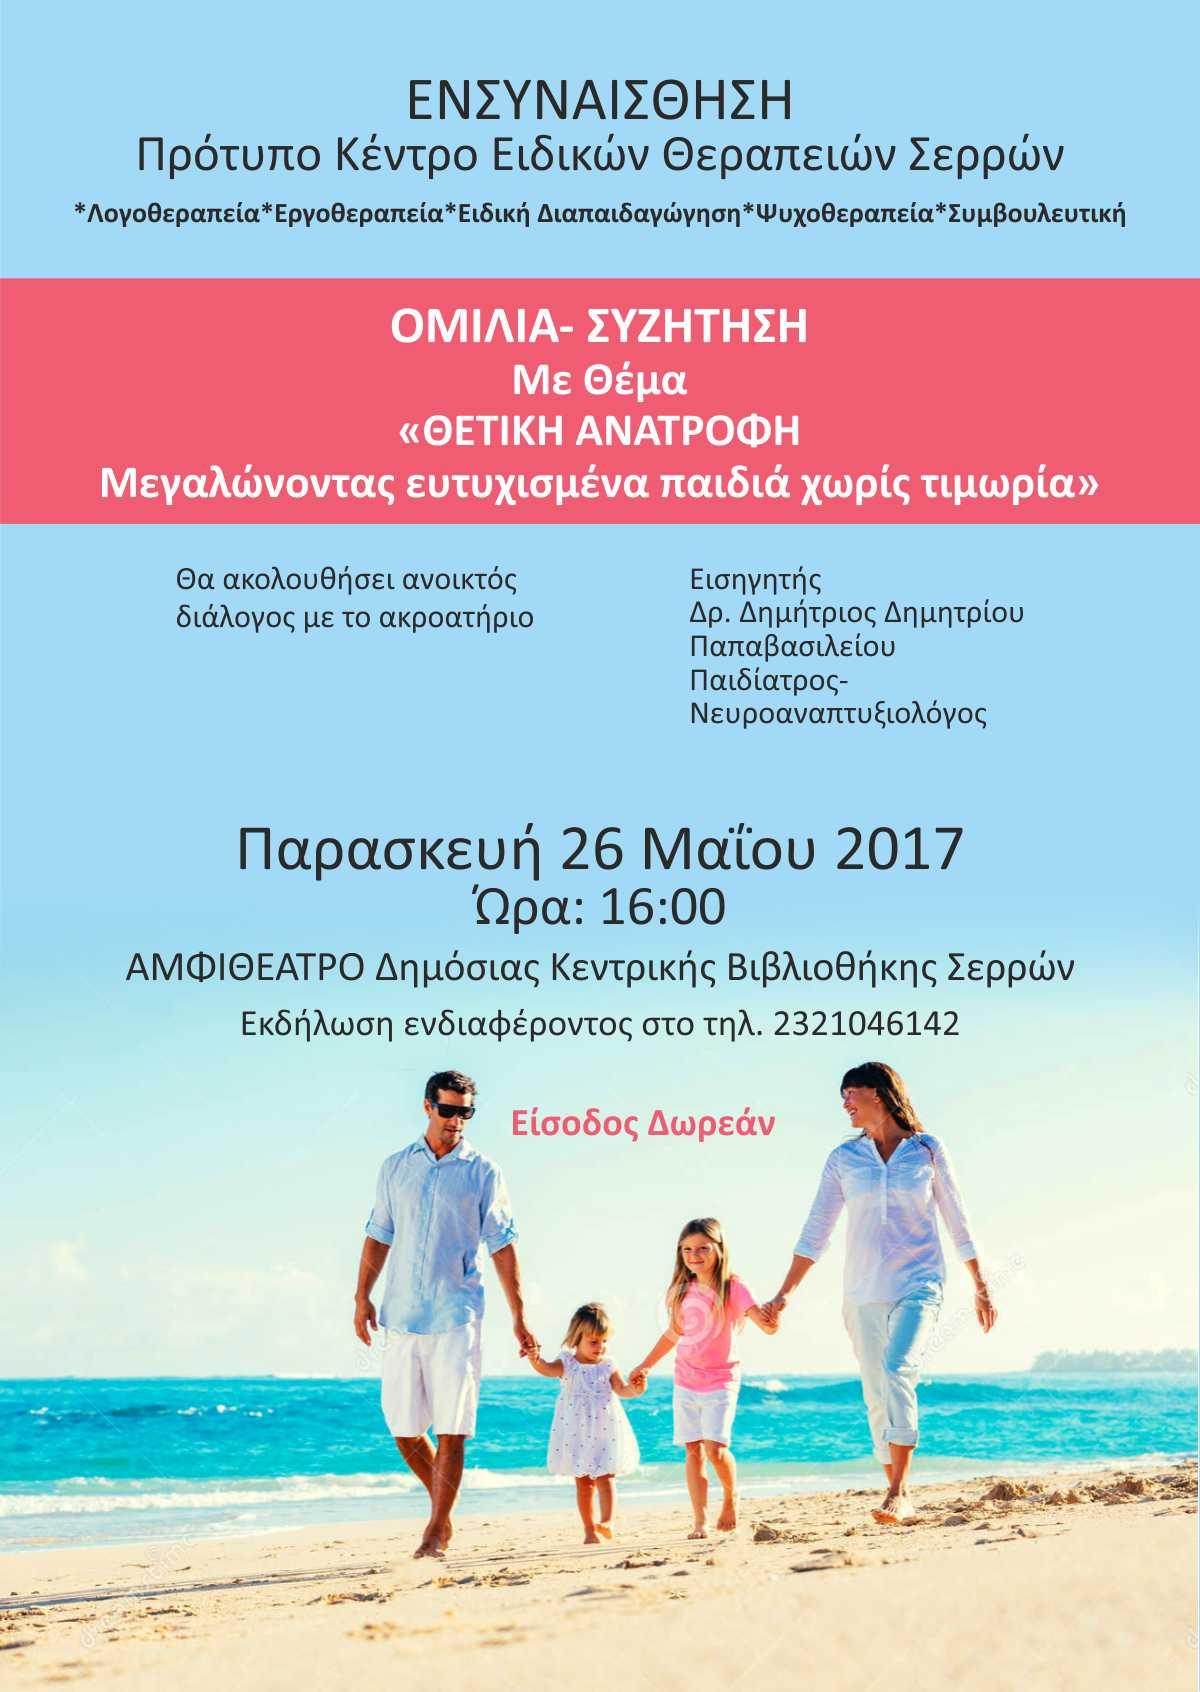 Ομιλία - Συζήτηση με θέμα την ανατροφή που βασίζεται στην απουσία της τιμωρίας αλλά όχι στην απουσία των ορίων από το Κέντρο ΕΝΣΥΝΑΙΣΘΗΣΗ στις Σέρρες, Παρασκευή, 26 Μάιος, 2017 - 16:00 - 18:30.